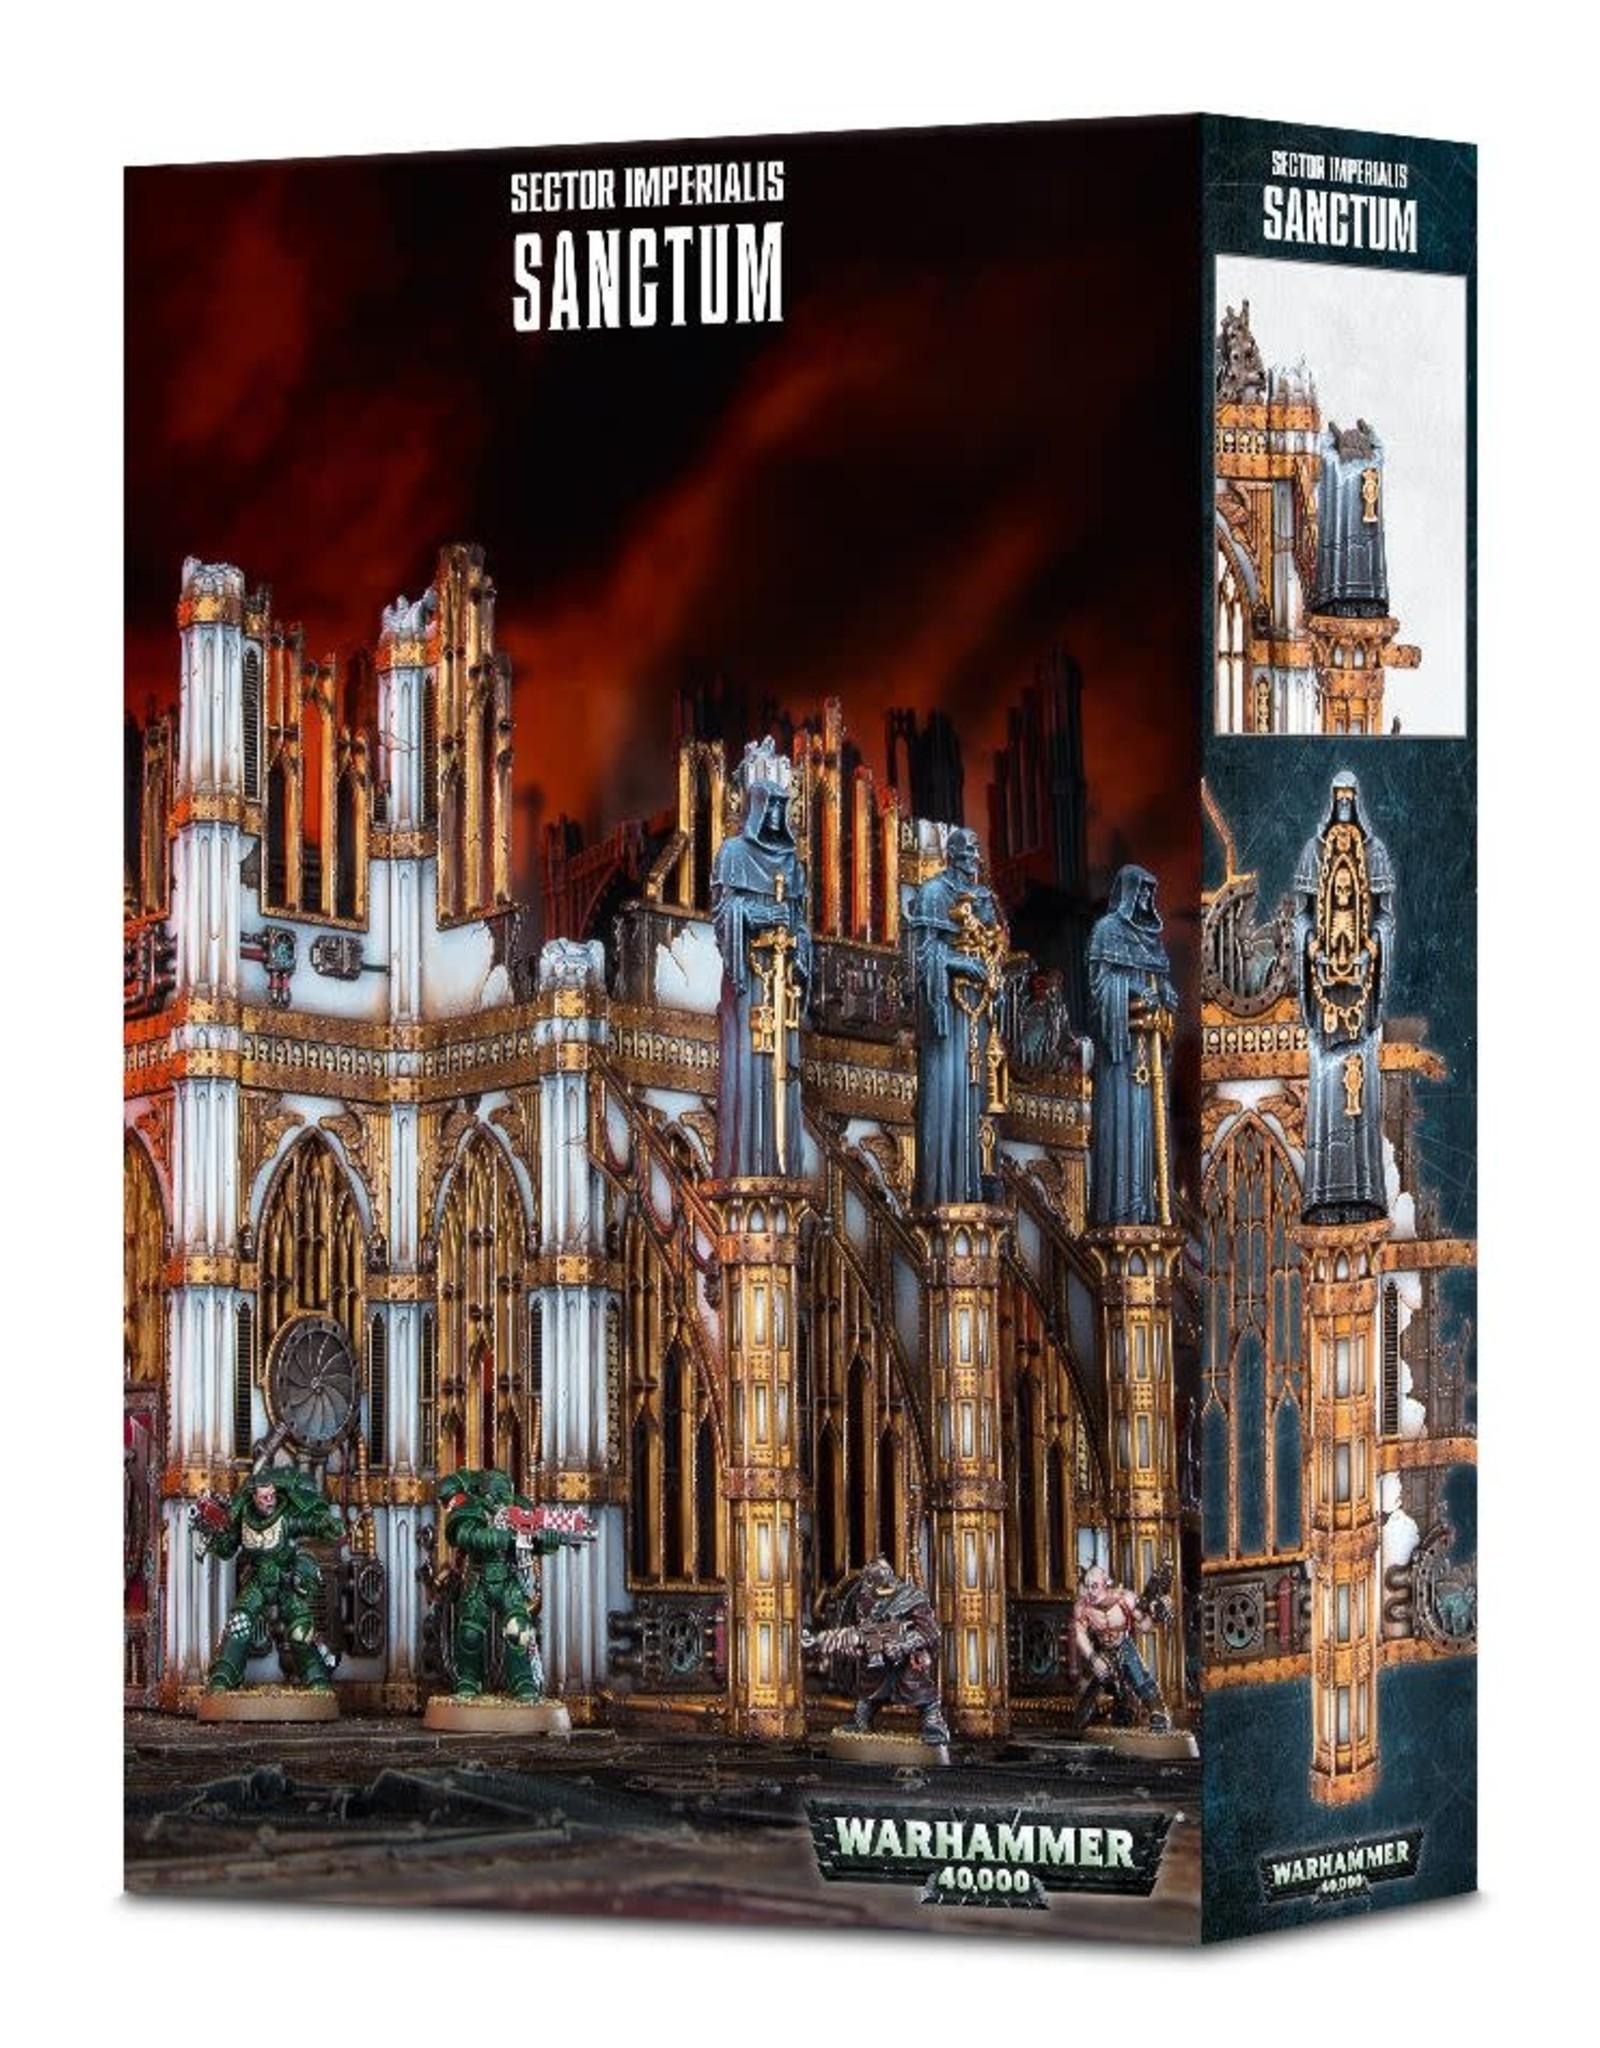 Warhammer 40K Sector Imperialis: Sanctum